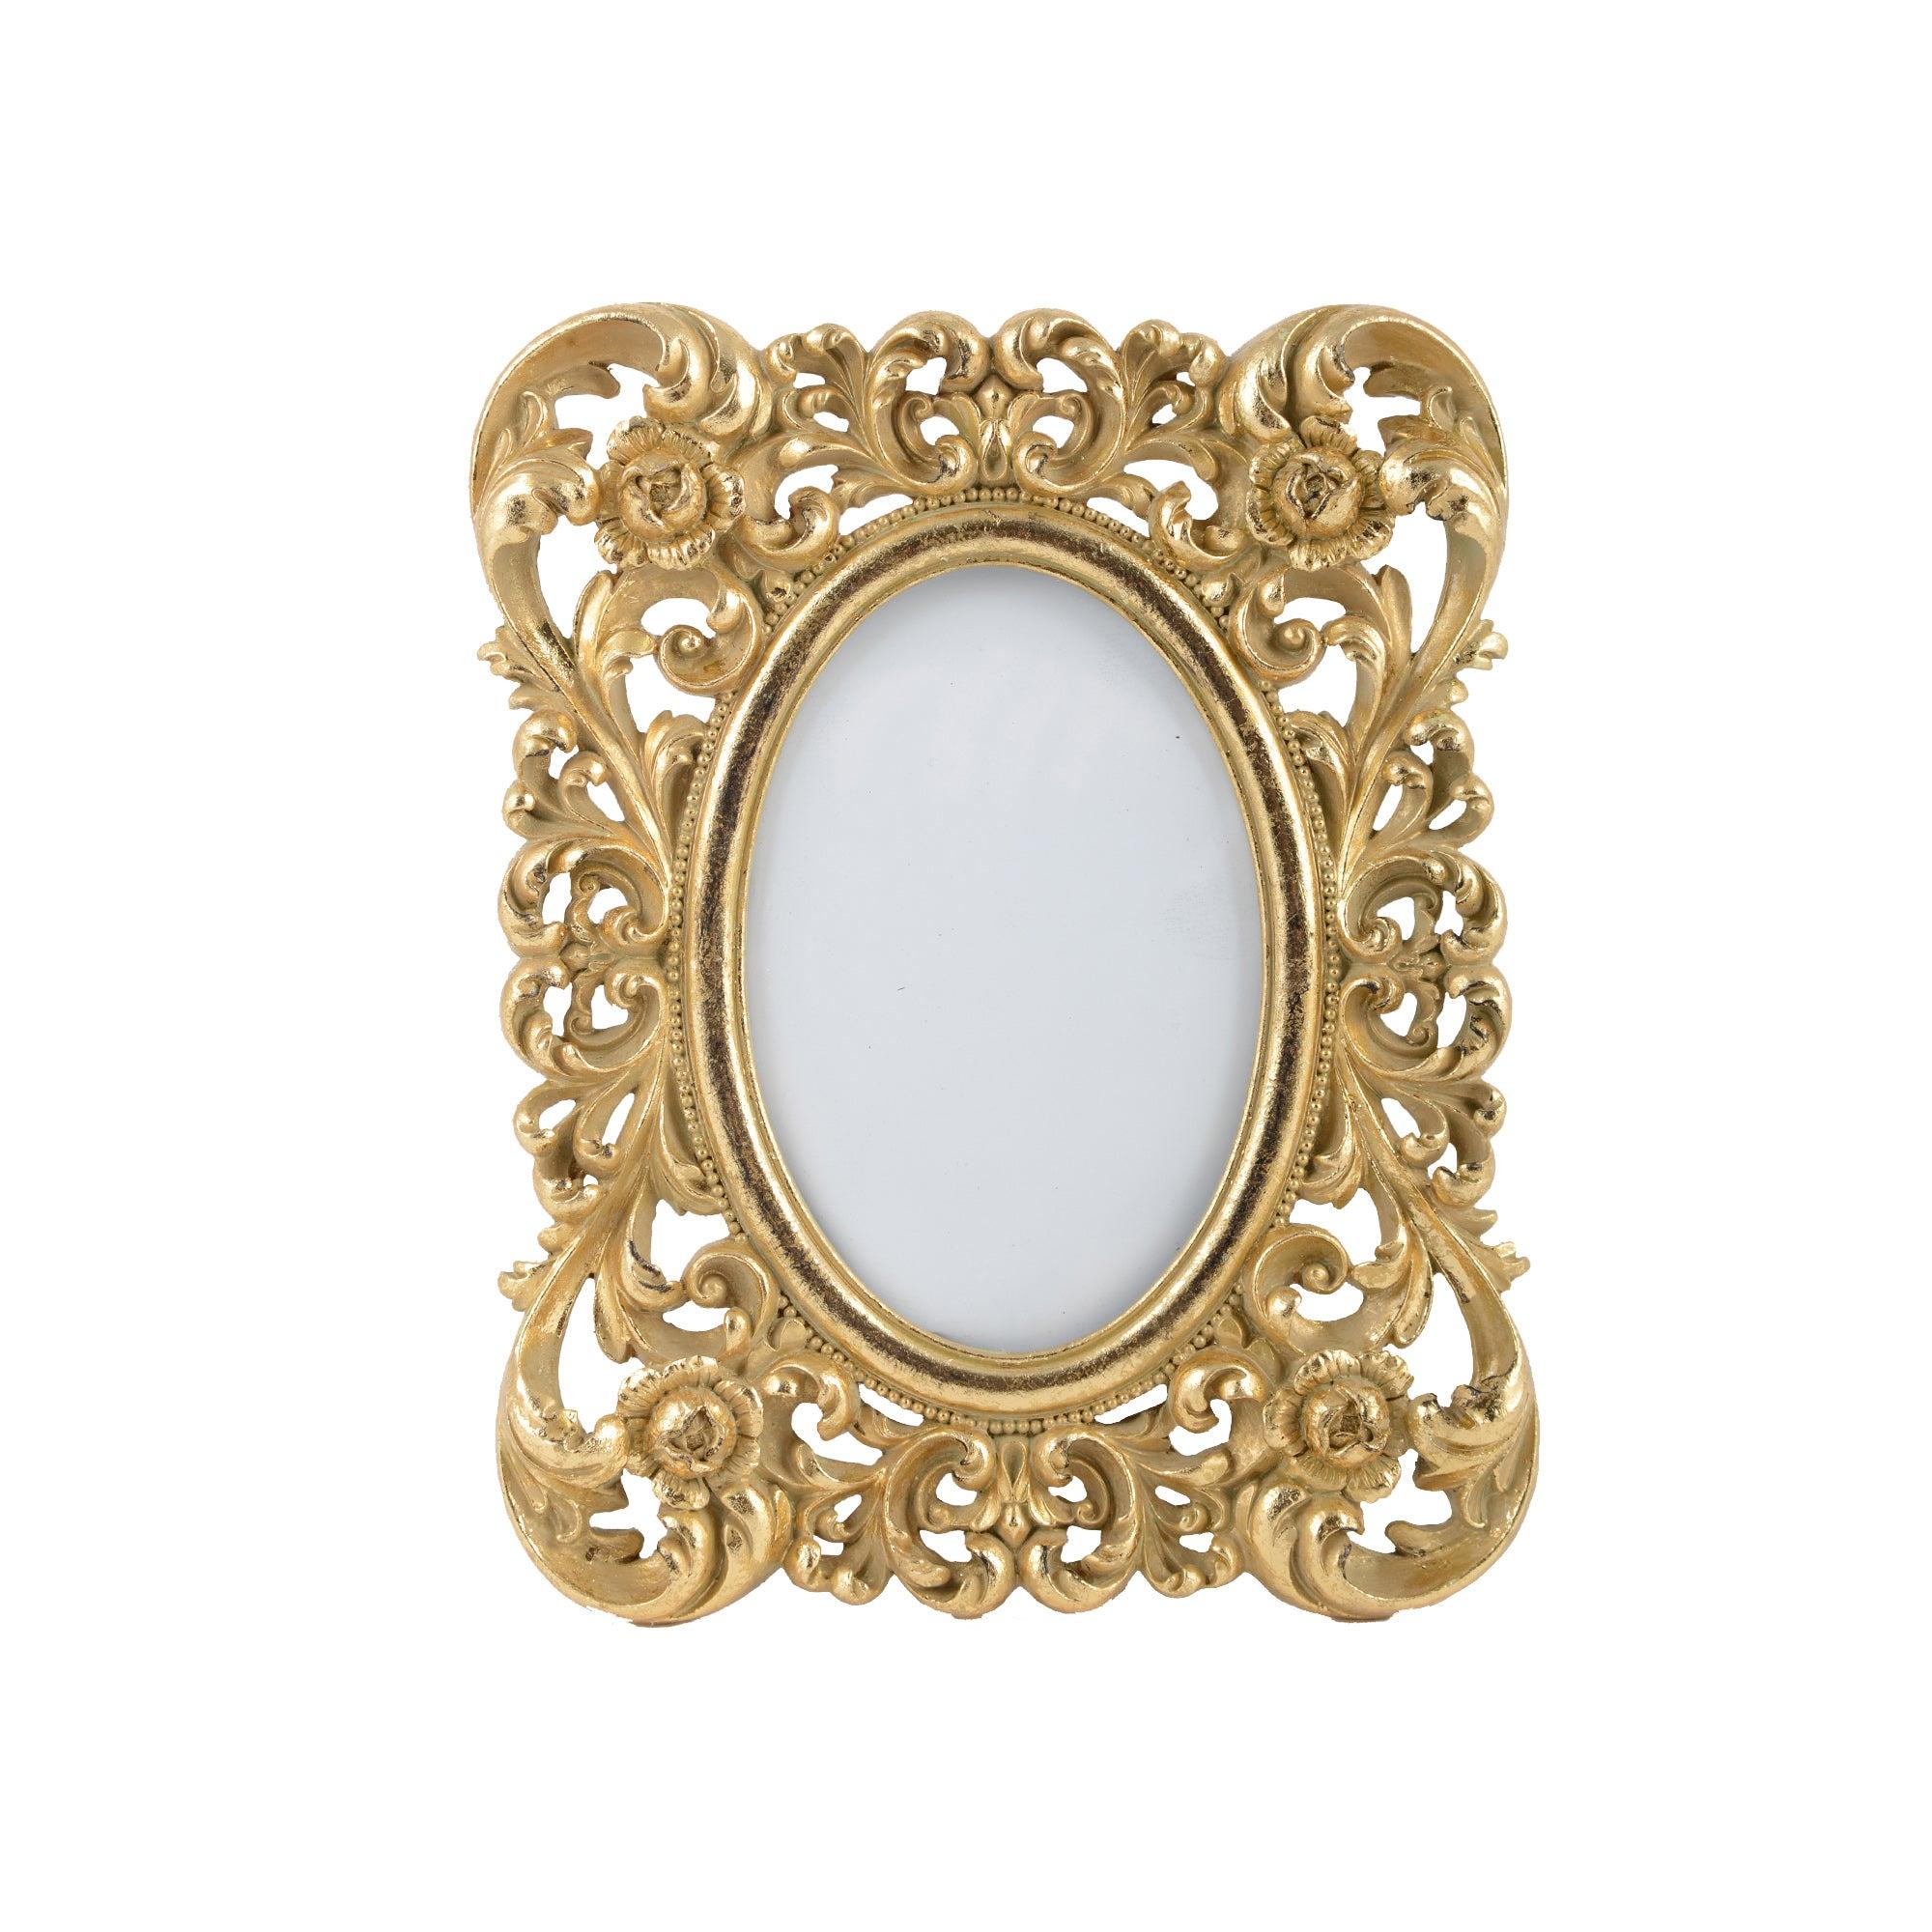 Ornate Resin Photo Frame 4x6 Gold